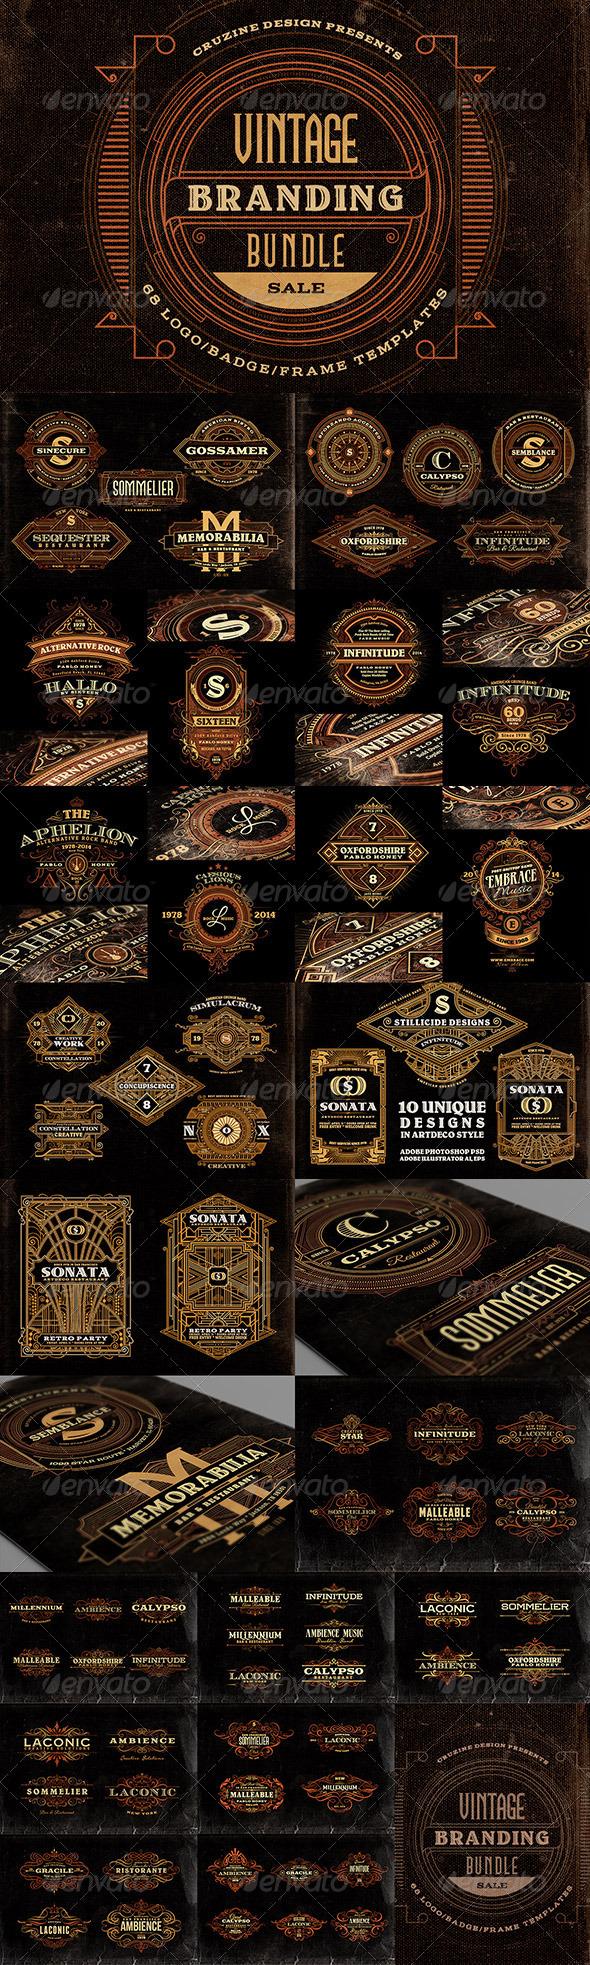 GraphicRiver Vintage Branding Bundle 7566228